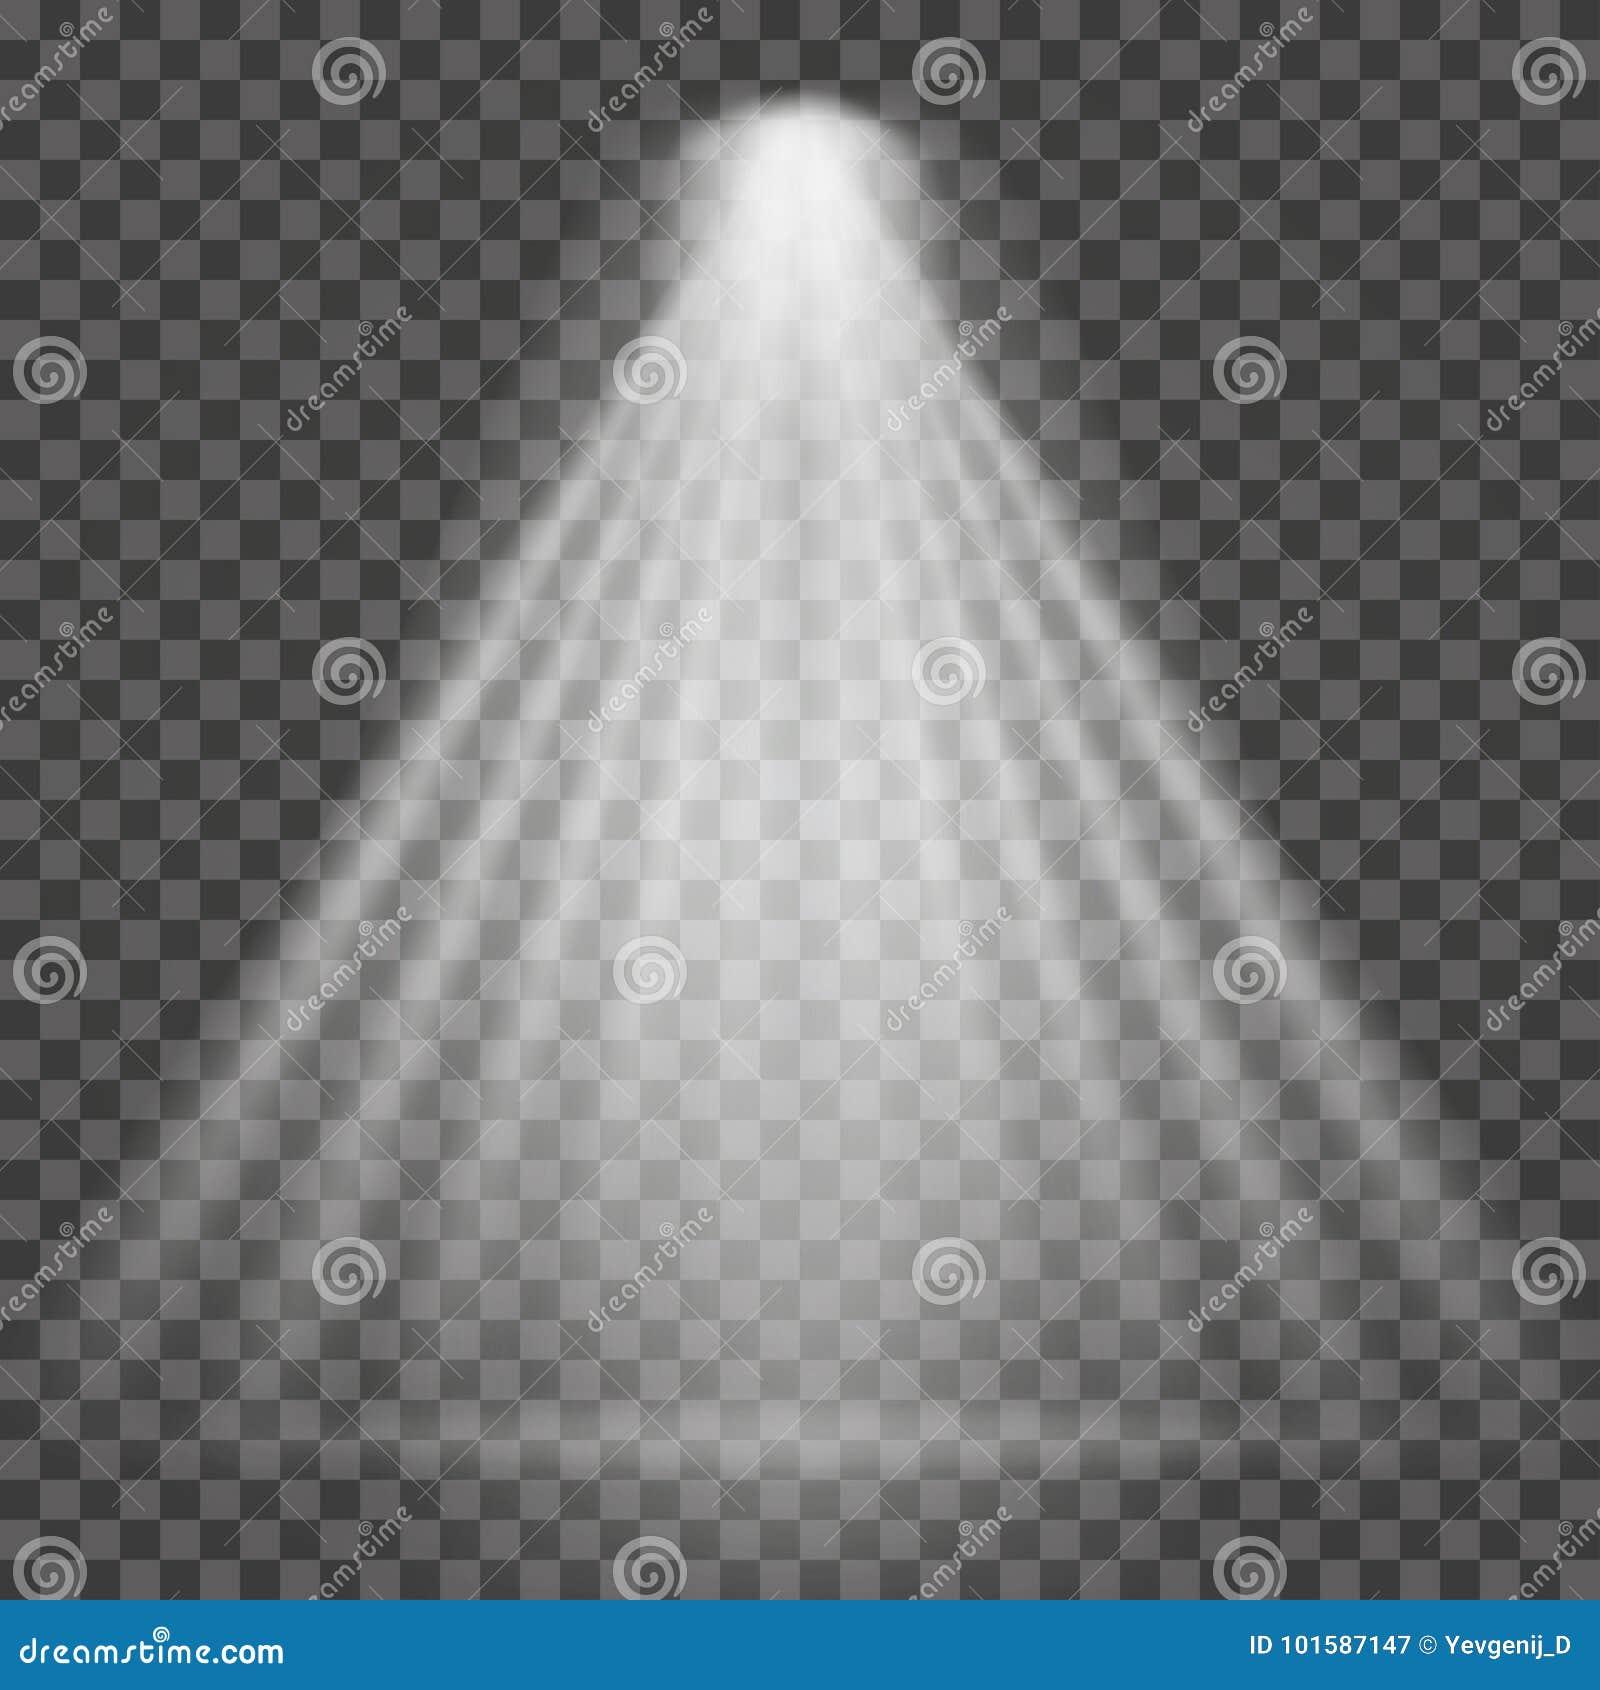 Lichtstraal op transparante achtergrond Heldere schijnwerper lichtstraal voor zoeklicht, scèneverlichting